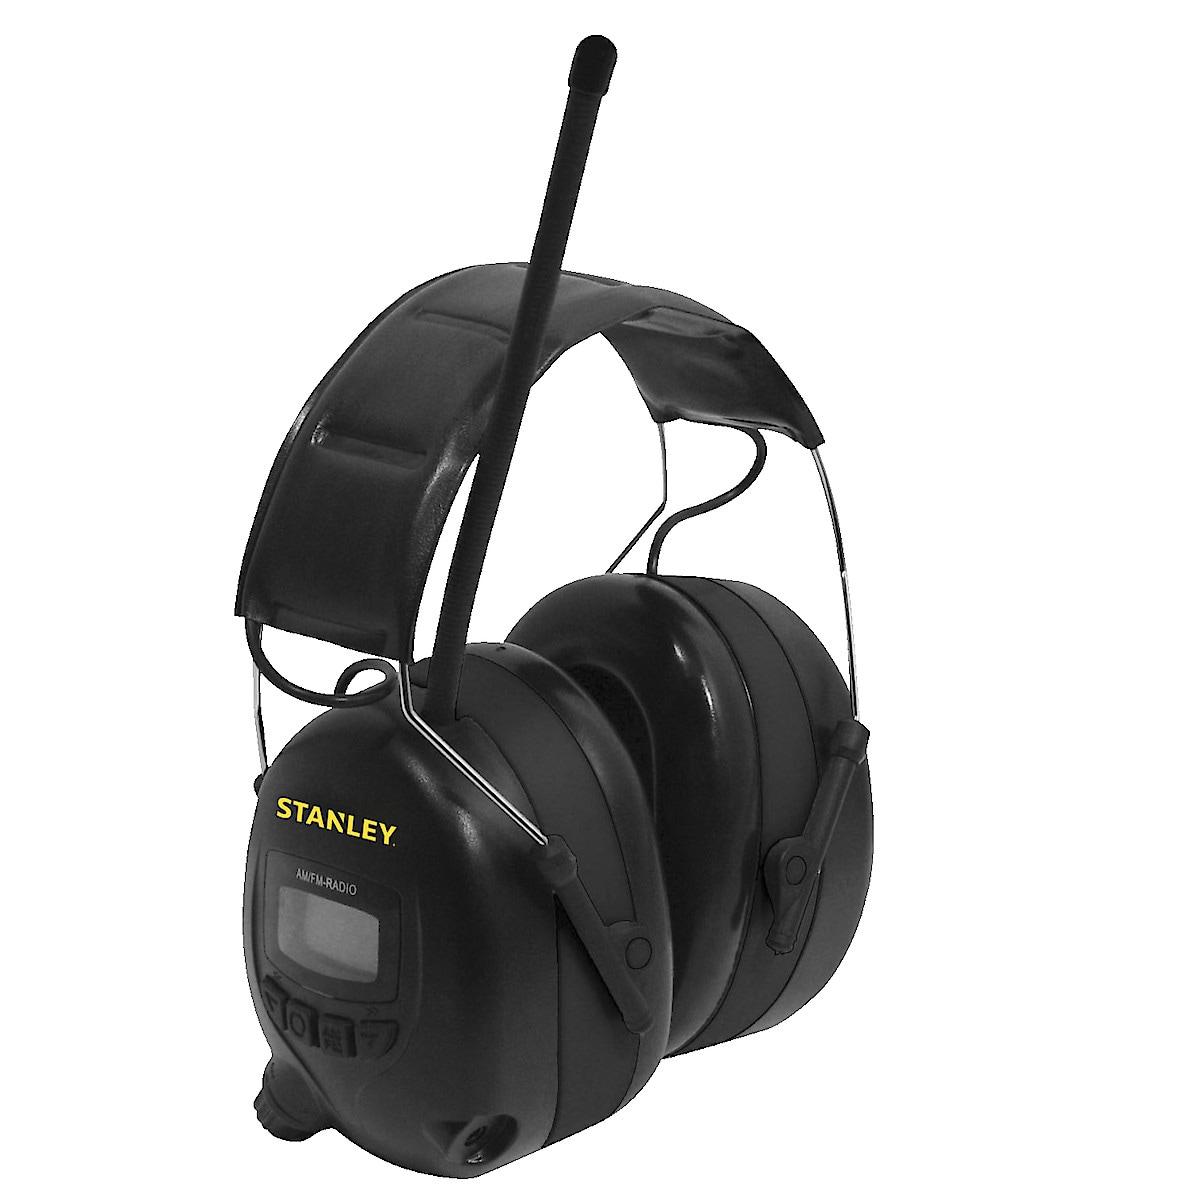 Stanley Radio Ear Defenders